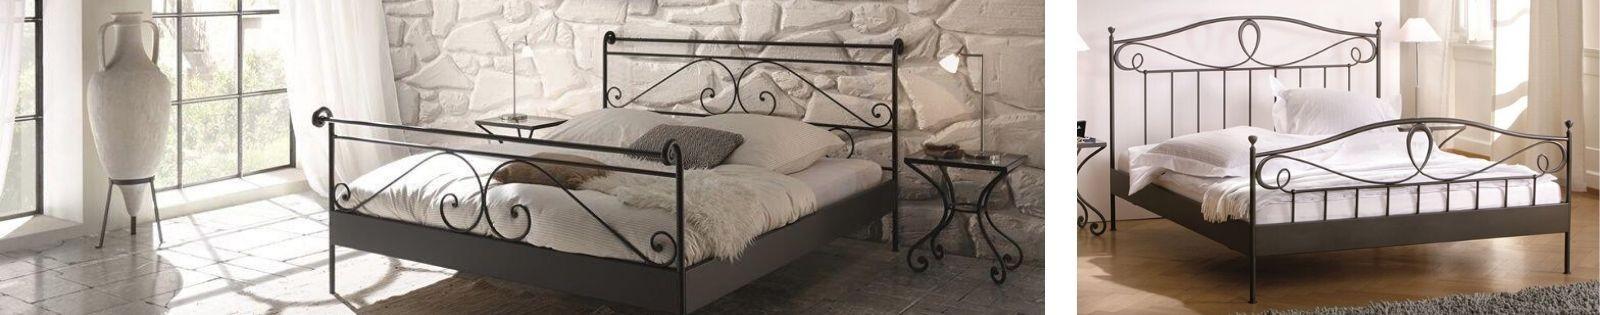 HASENA : GAMME ROMANTIC. Meubles pour votre chambre. Lotuséa